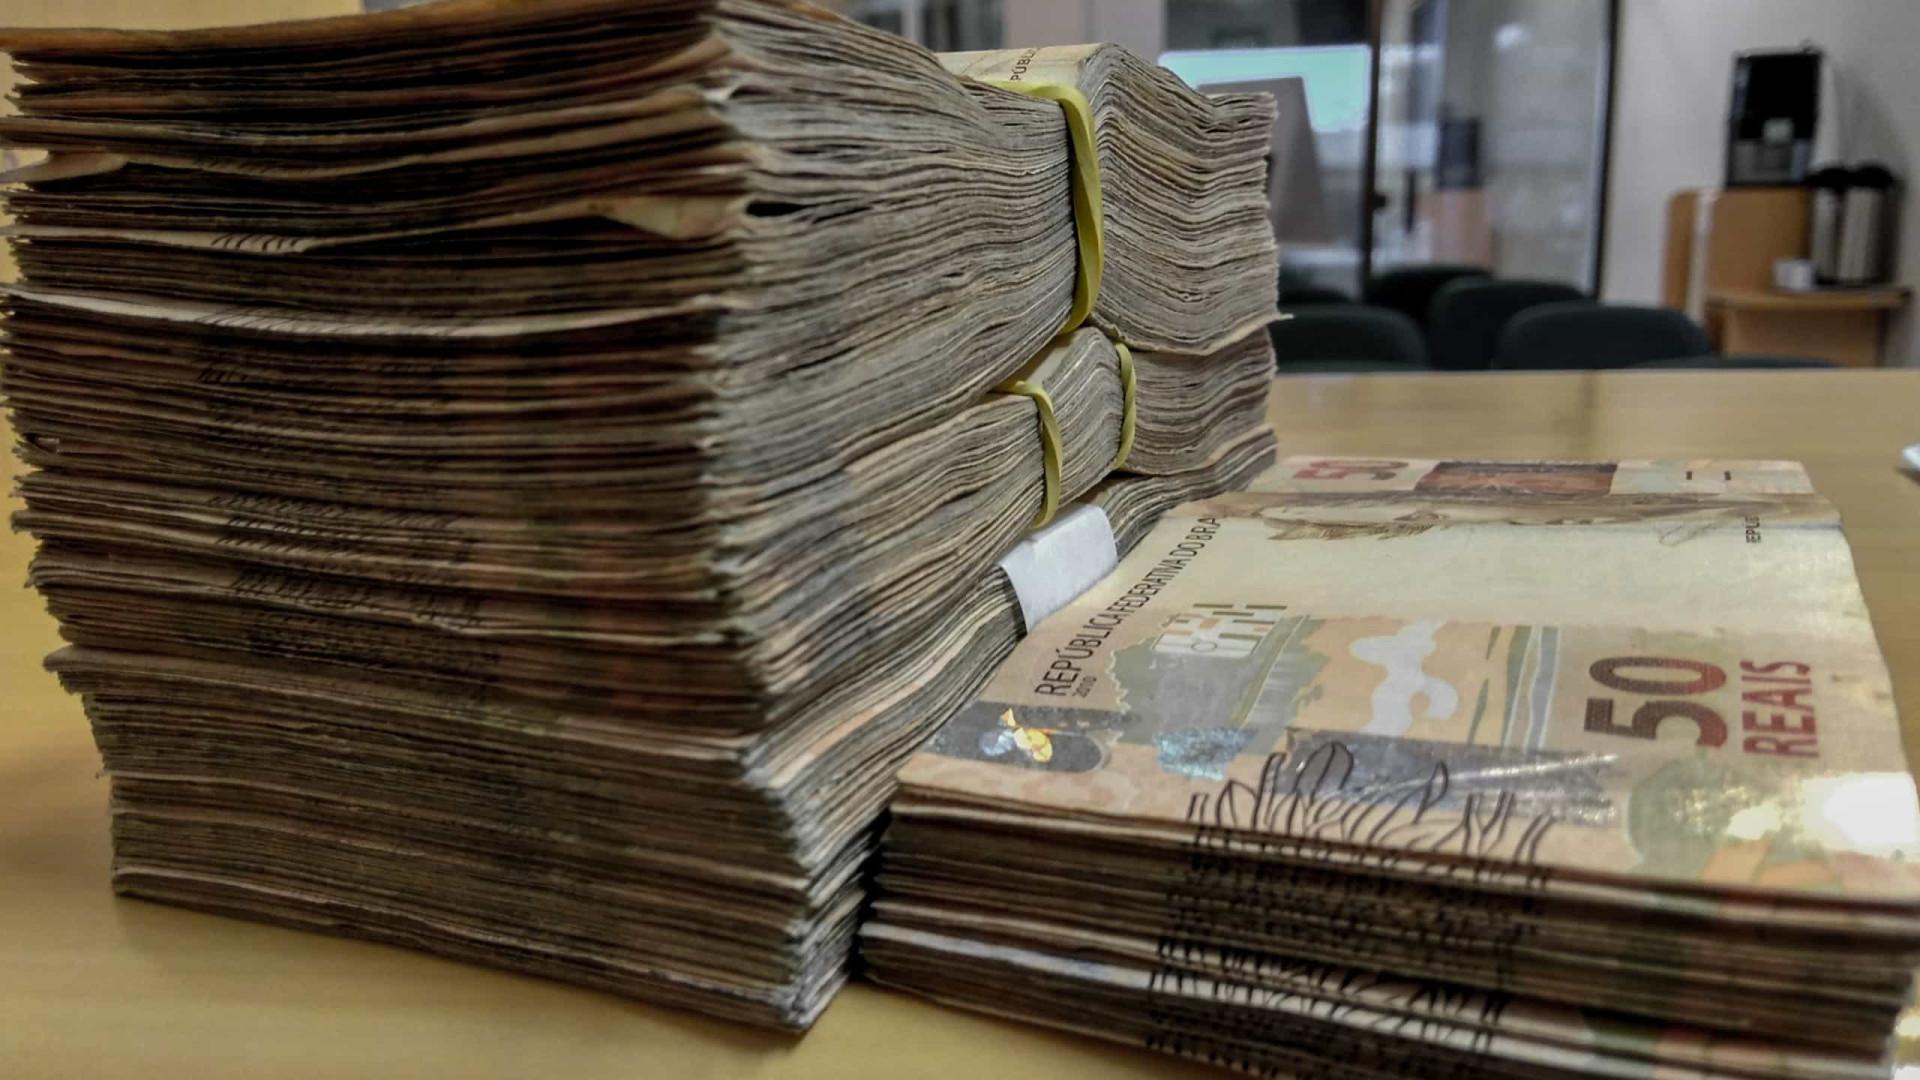 Polícia apreende passaporte e R$ 470 mil na casa de Nego do Borel no Rio